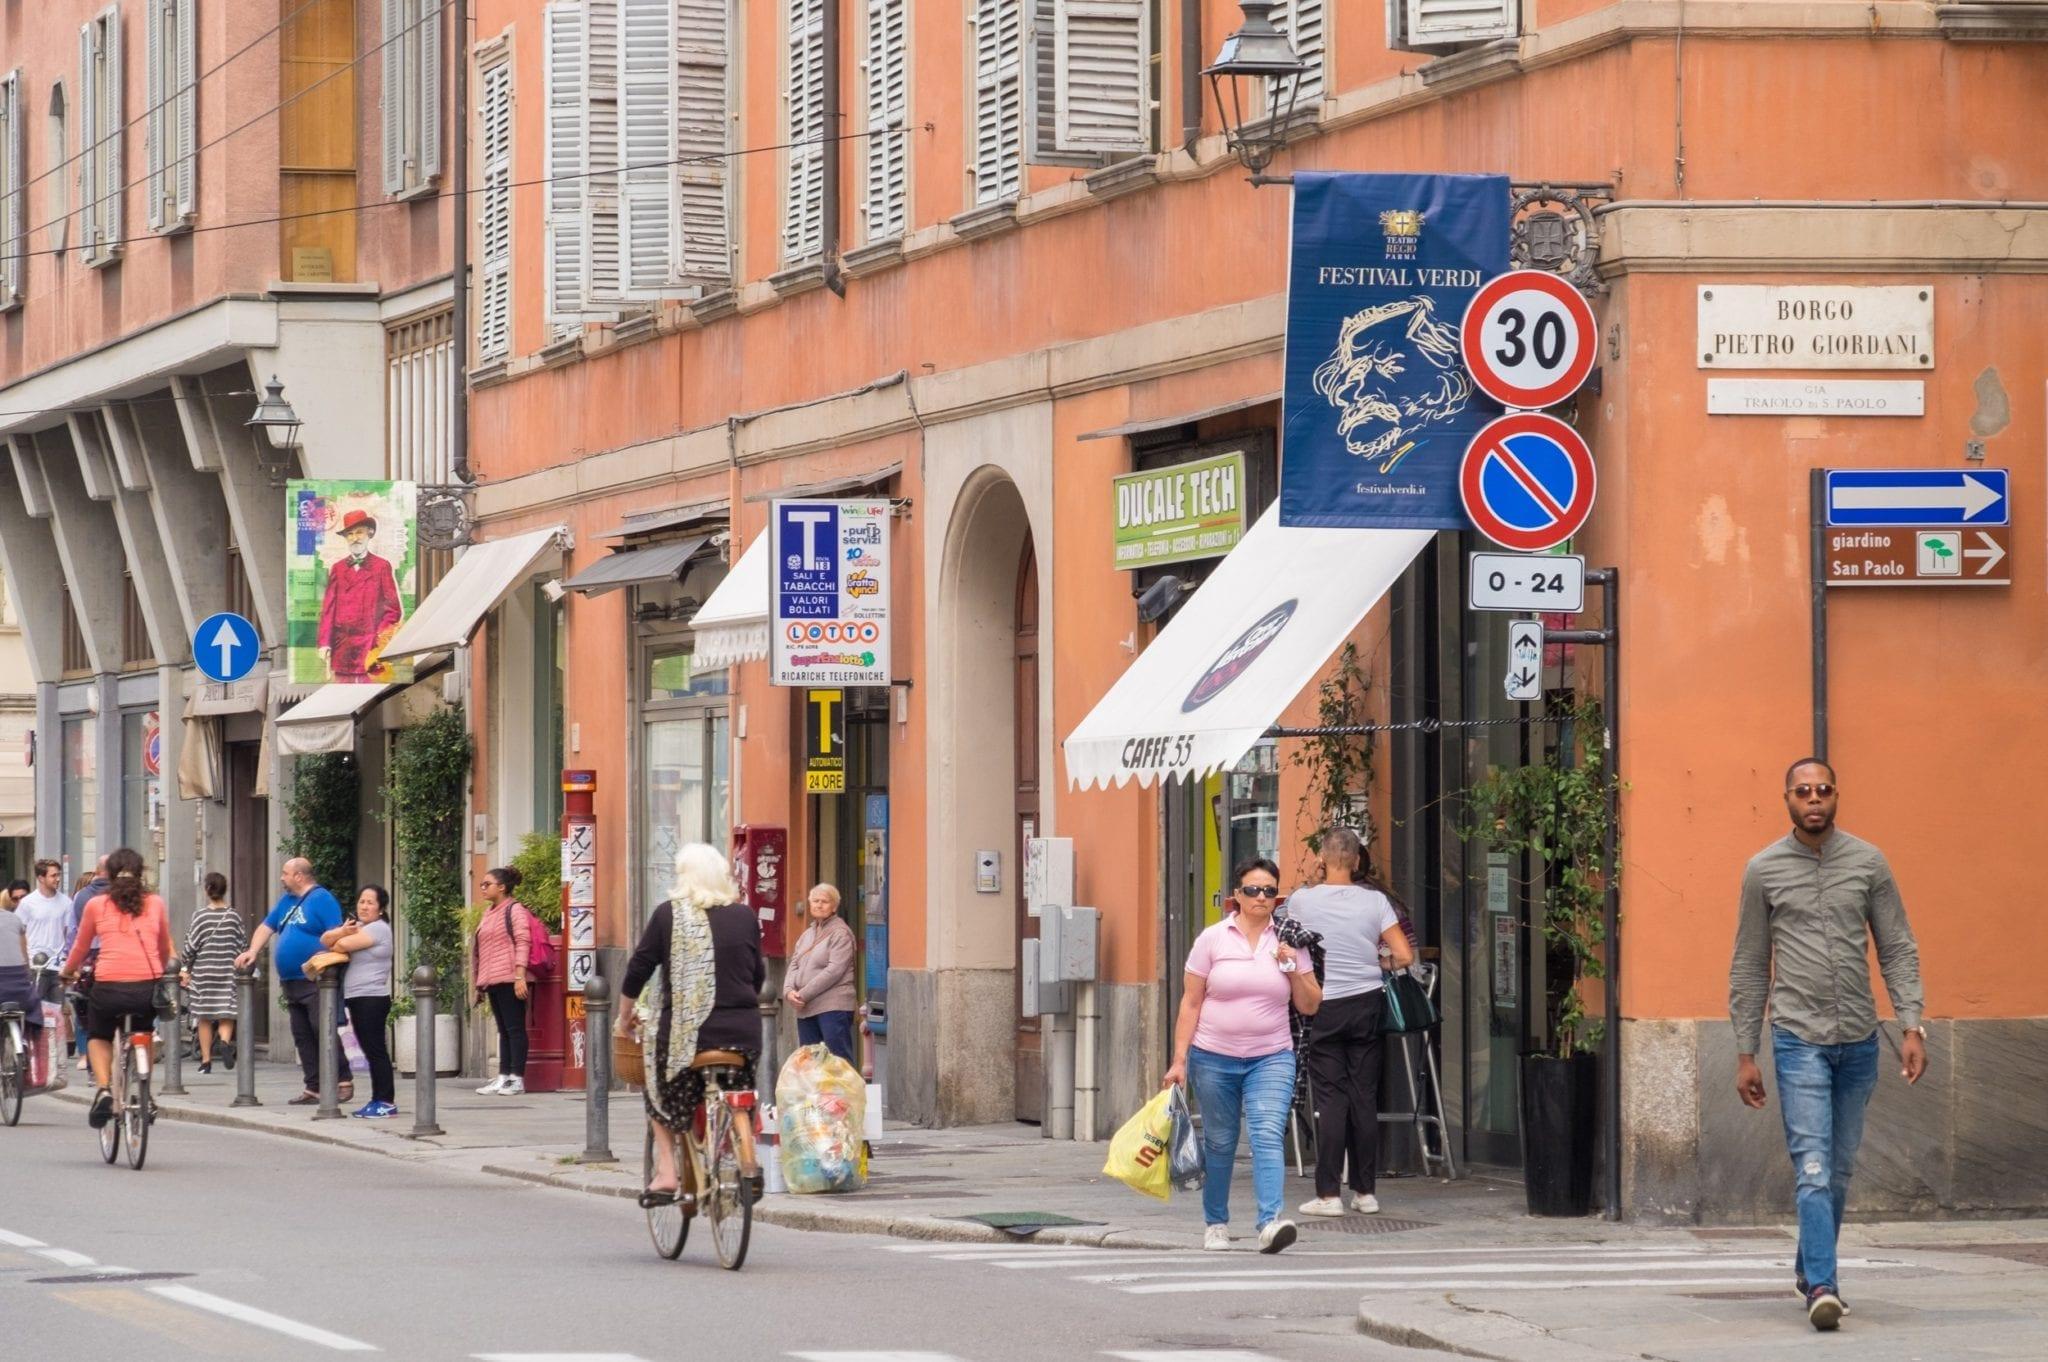 People walking down the street in front of orange buildings in Parma.